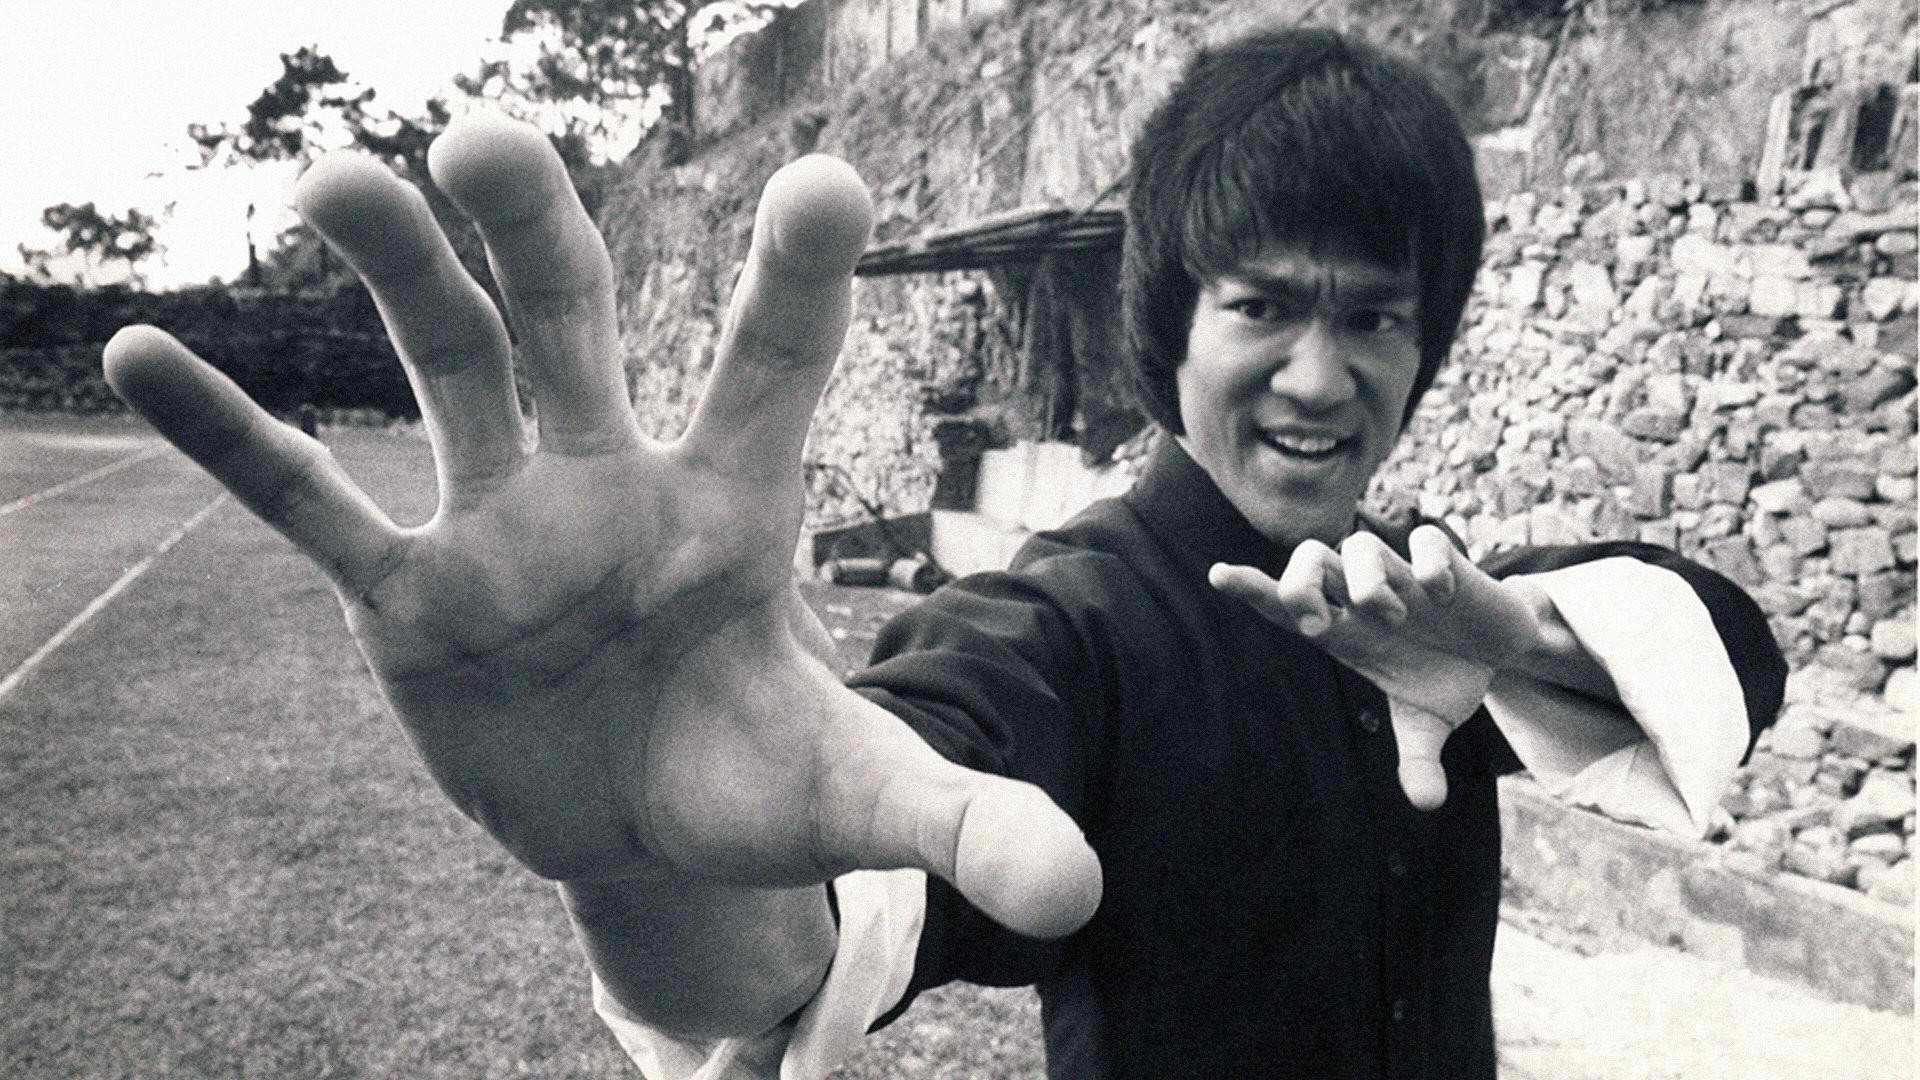 Bruce Lee - Bruce Lee Wallpaper (26492390) - Fanpop